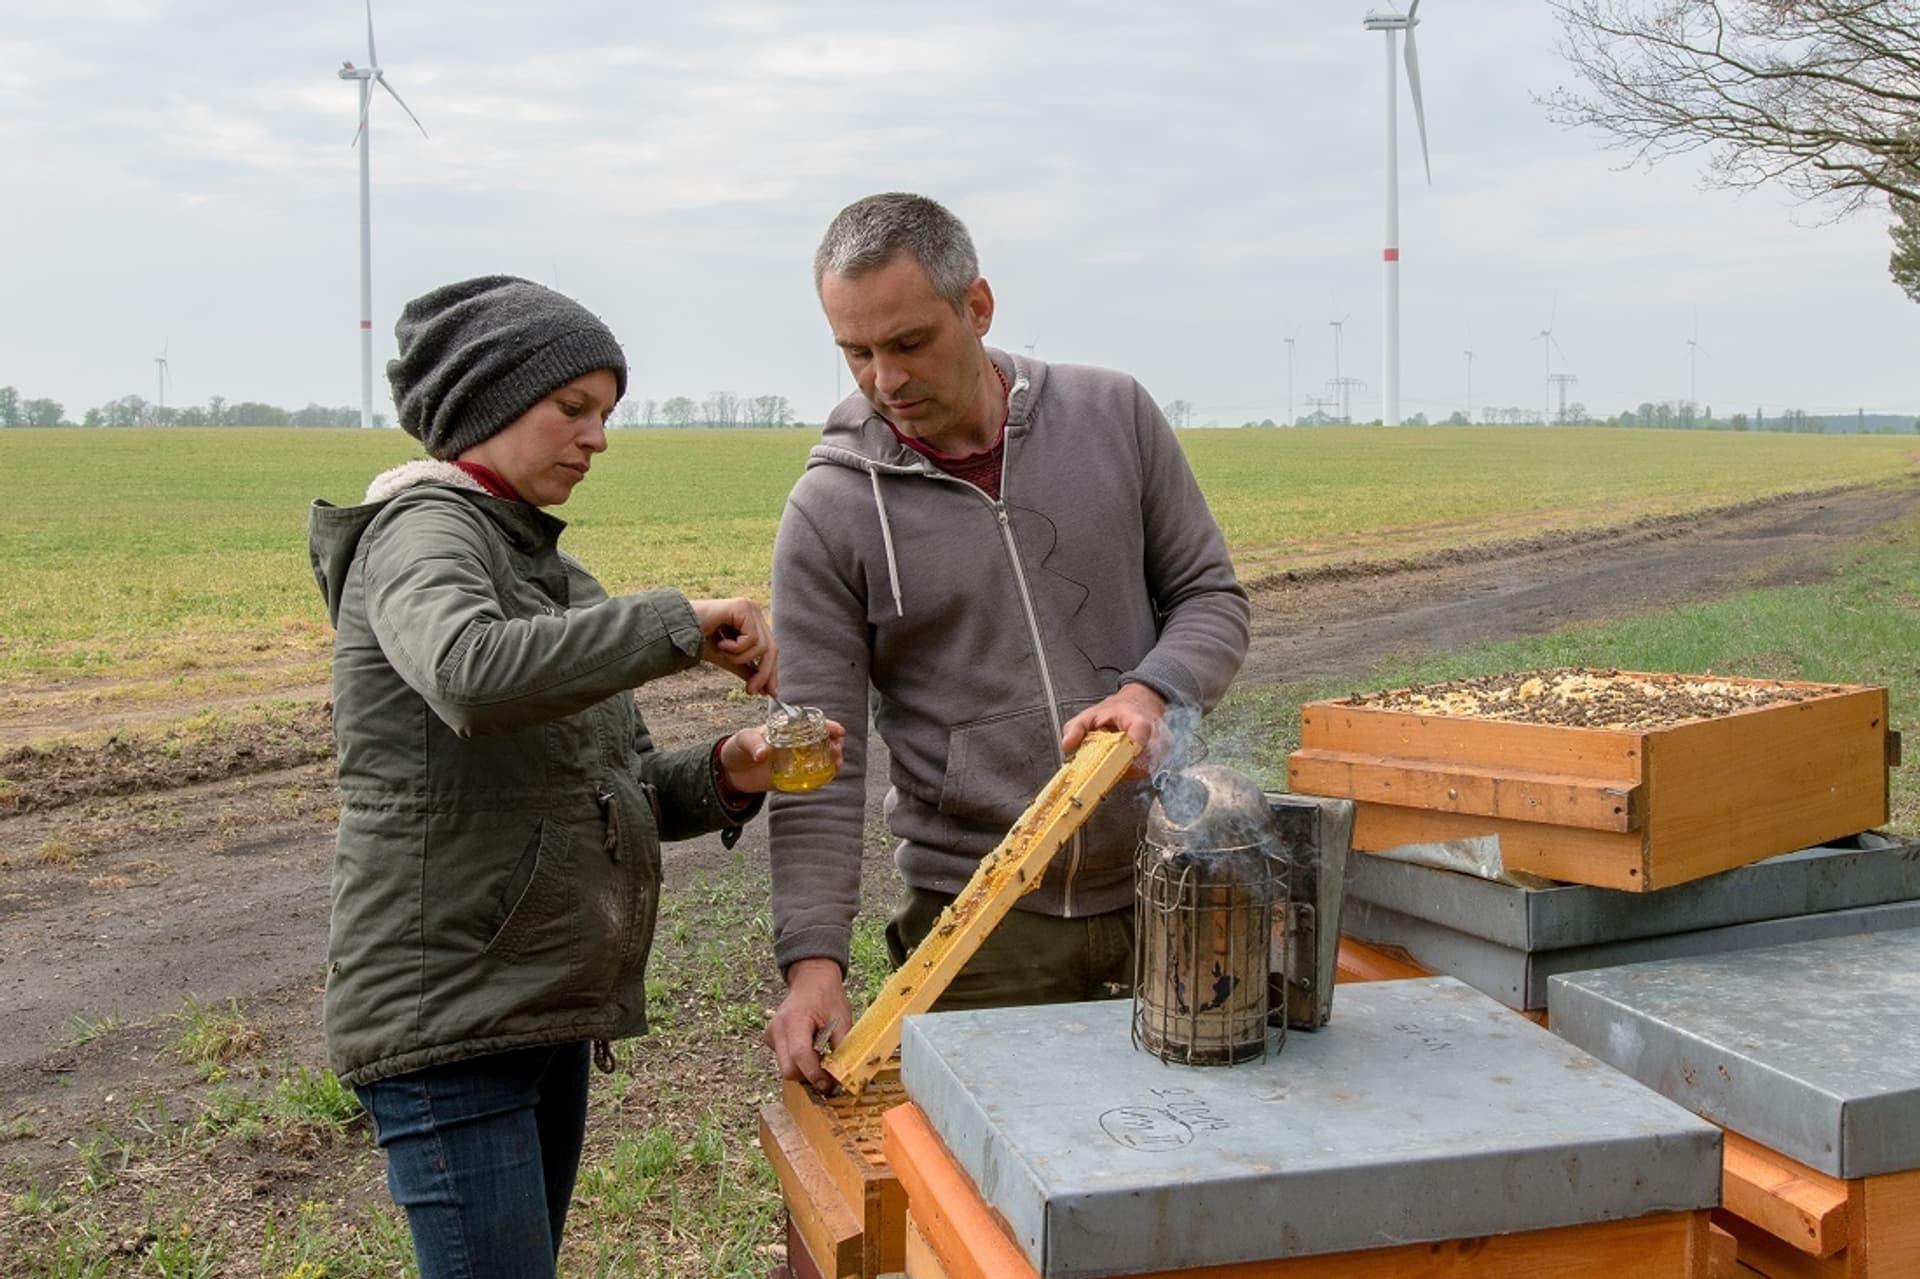 Imkerpaar Seusing Honigproben c Florian Amrhein